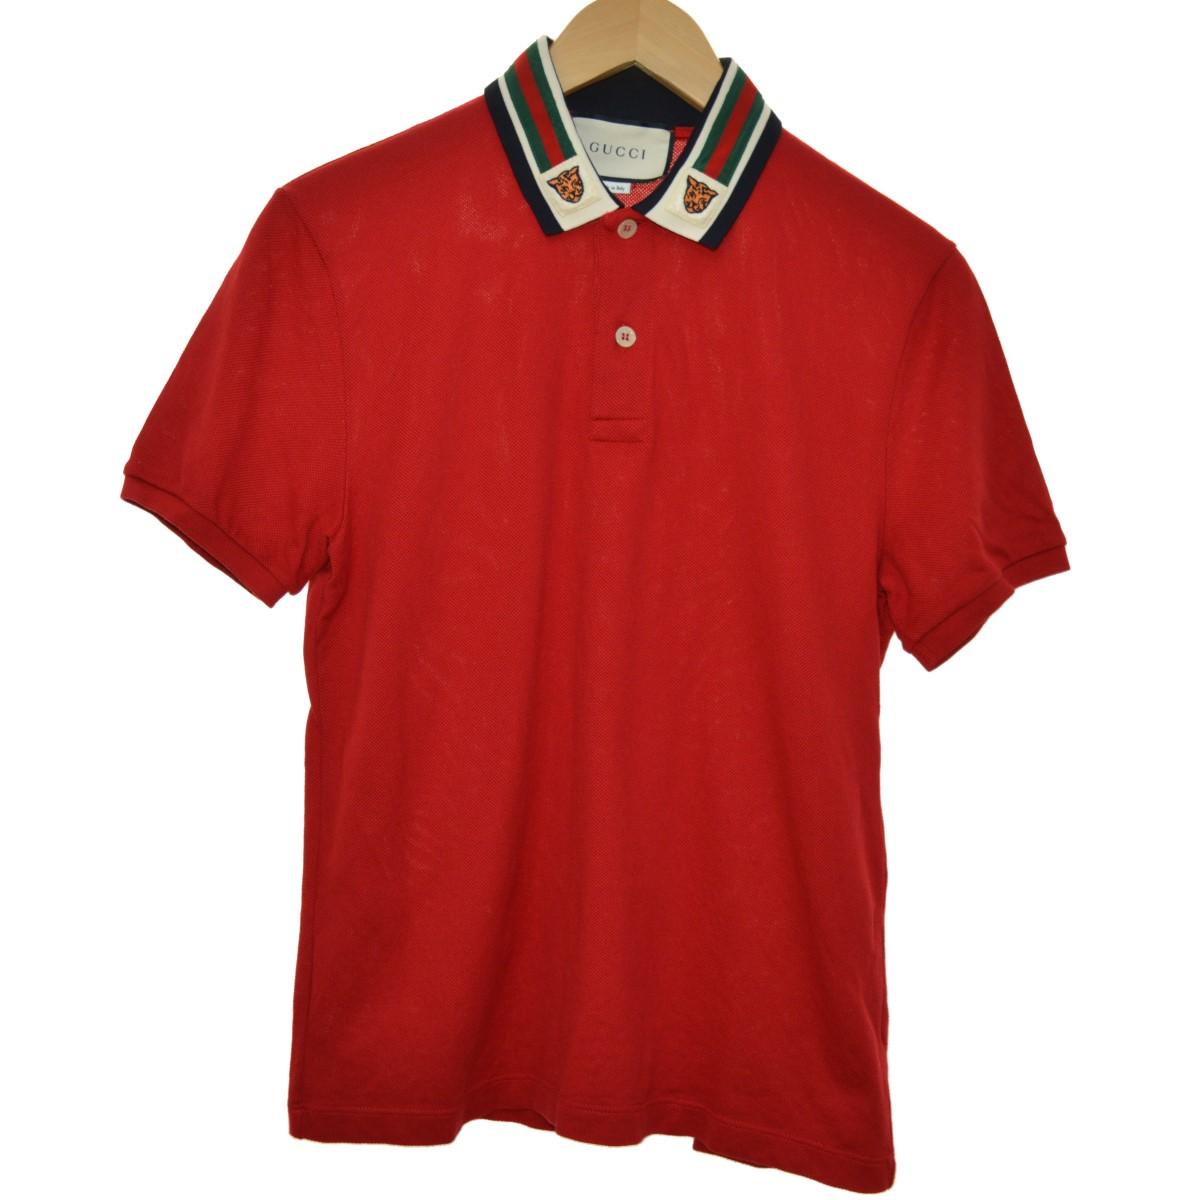 【中古】GUCCI 19SS Web and Tiger Head polo shirt ポロシャツ レッド サイズ:XS 【110420】(グッチ)